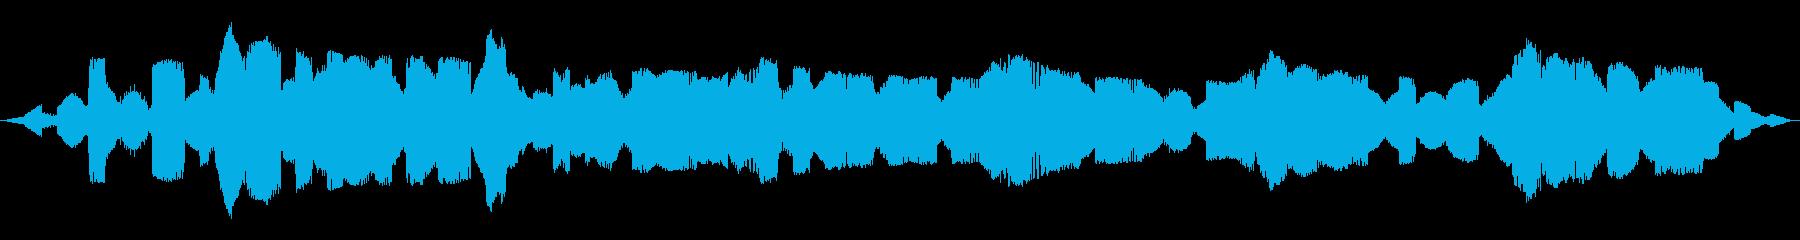 ビンテージトーンコンピューターデー...の再生済みの波形